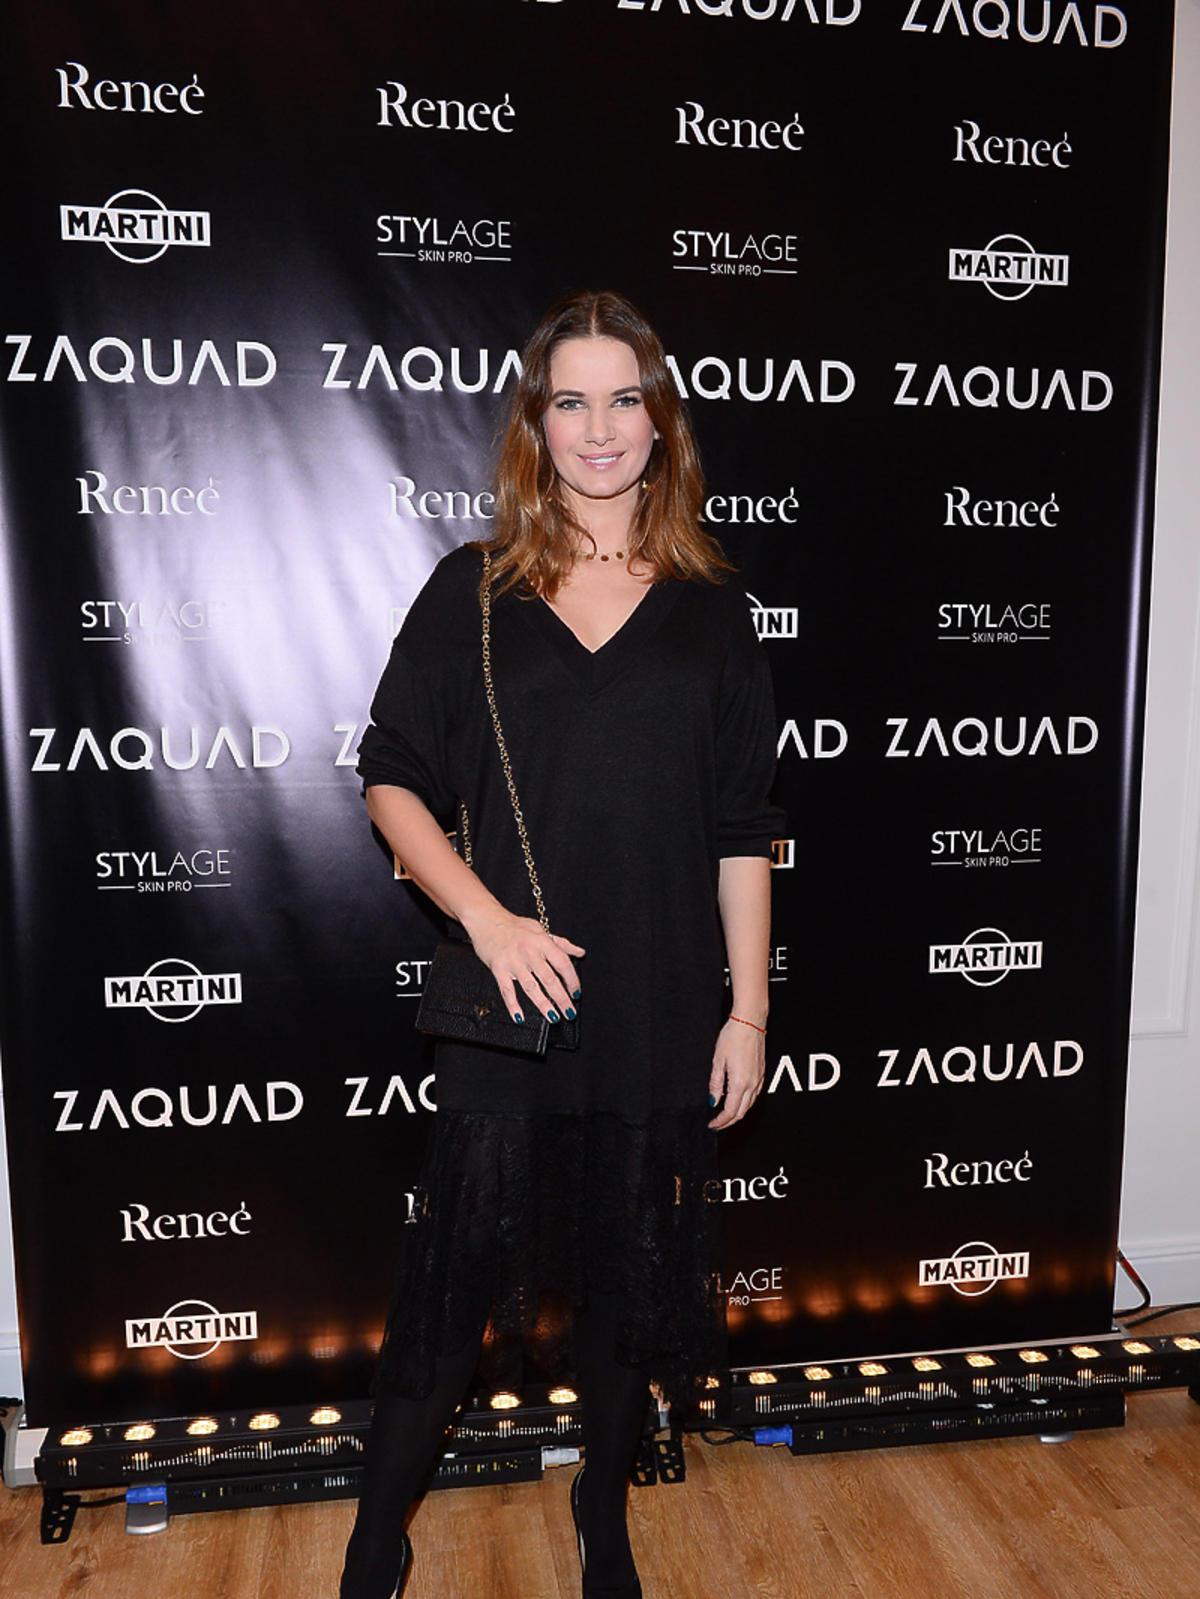 Karolina Malinowska na imprezie Zaquad w czarnej sukience